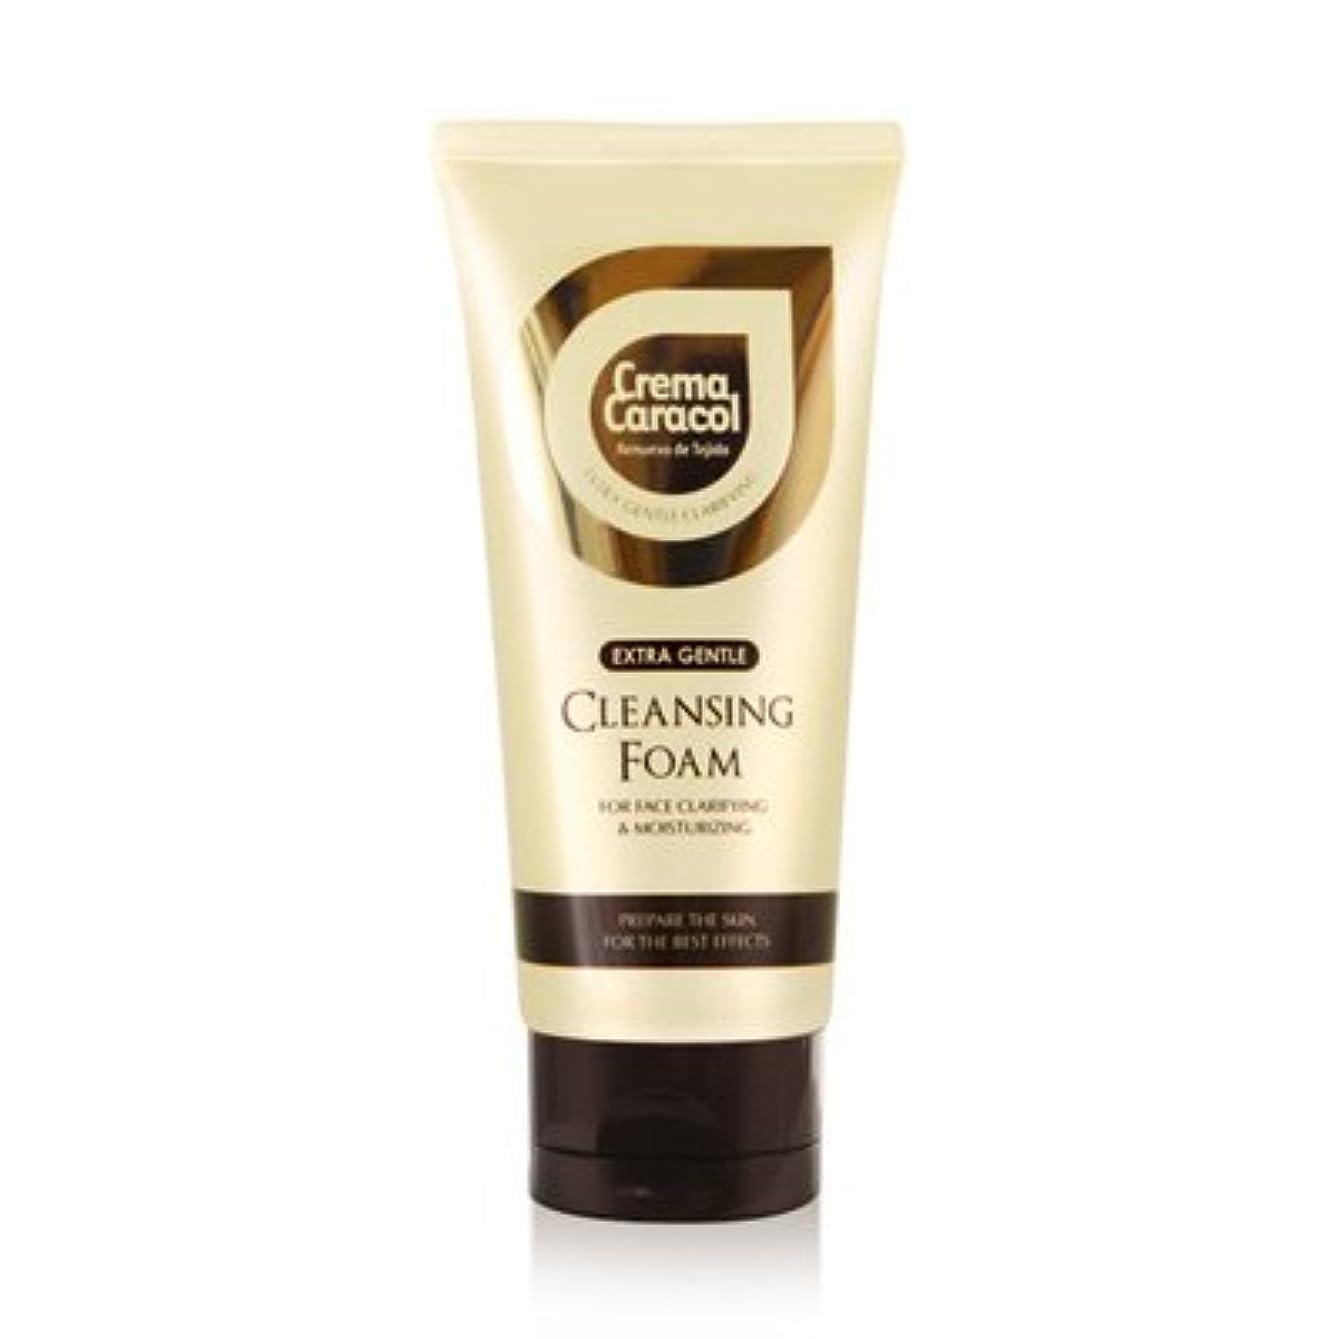 面白いうまくやる()役立つジャミンギョン [Jaminkyung] Crema Caracol Extra Gentle Cleansing Foam175ml エクストラジェントル カタツムリクレンジングフォーム175ml